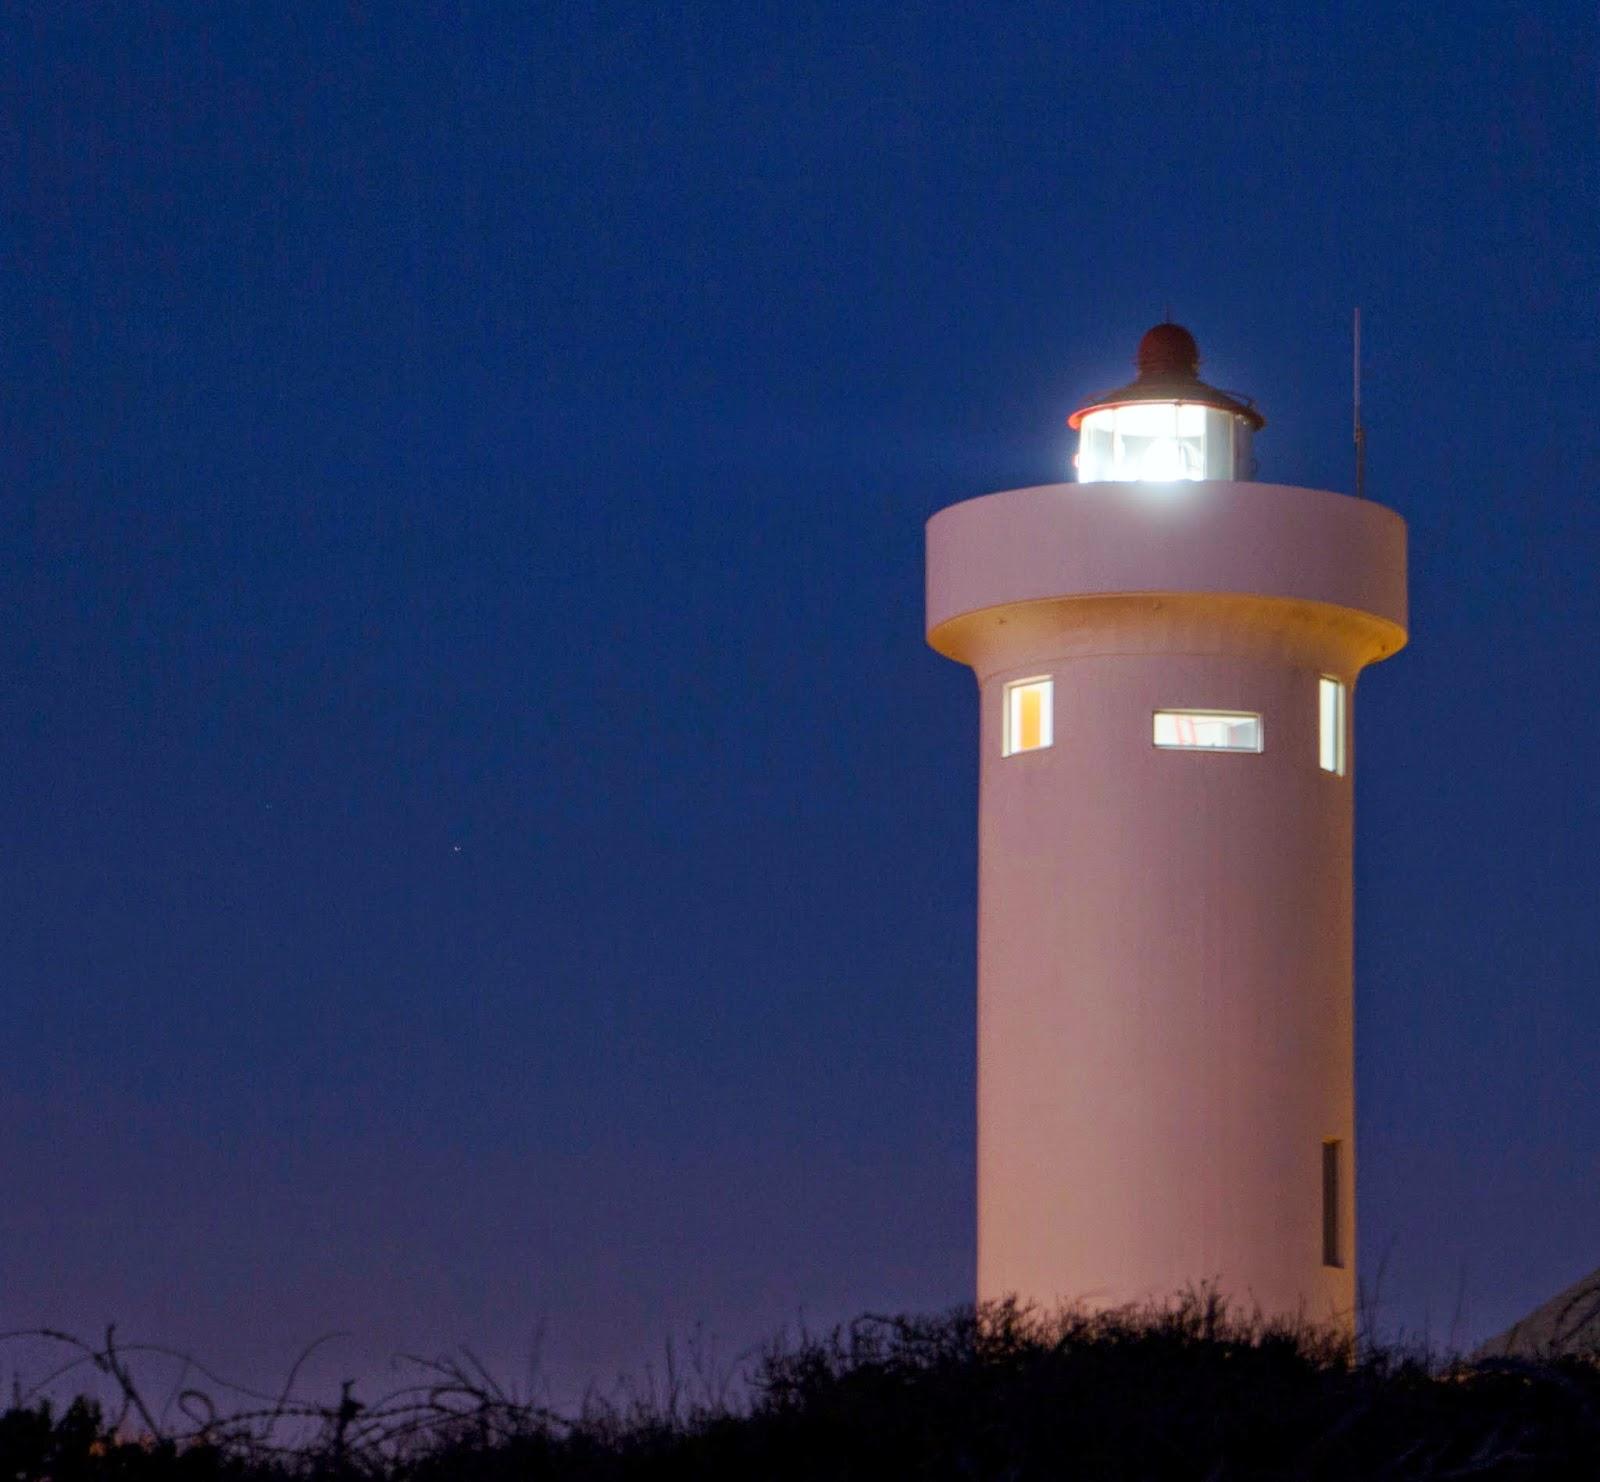 Sunset Milnerton Beach - Canon EOS 700D DSLR / EF-S 18-135mm IS STM Lens